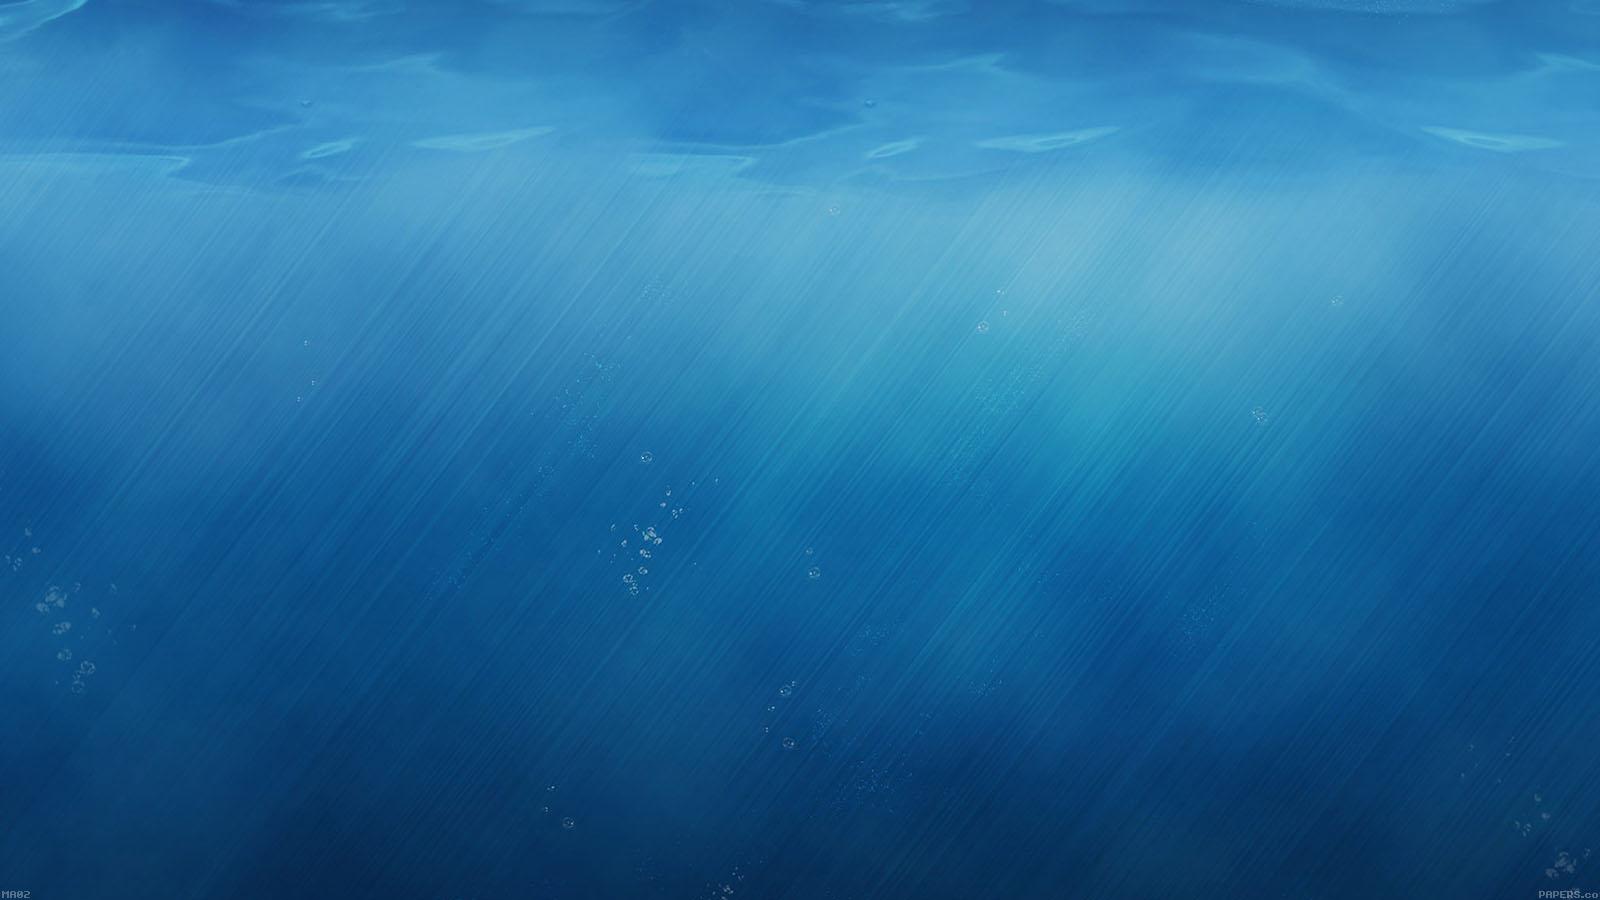 ma02-ios8-sea-nature-minimal-wallpaper